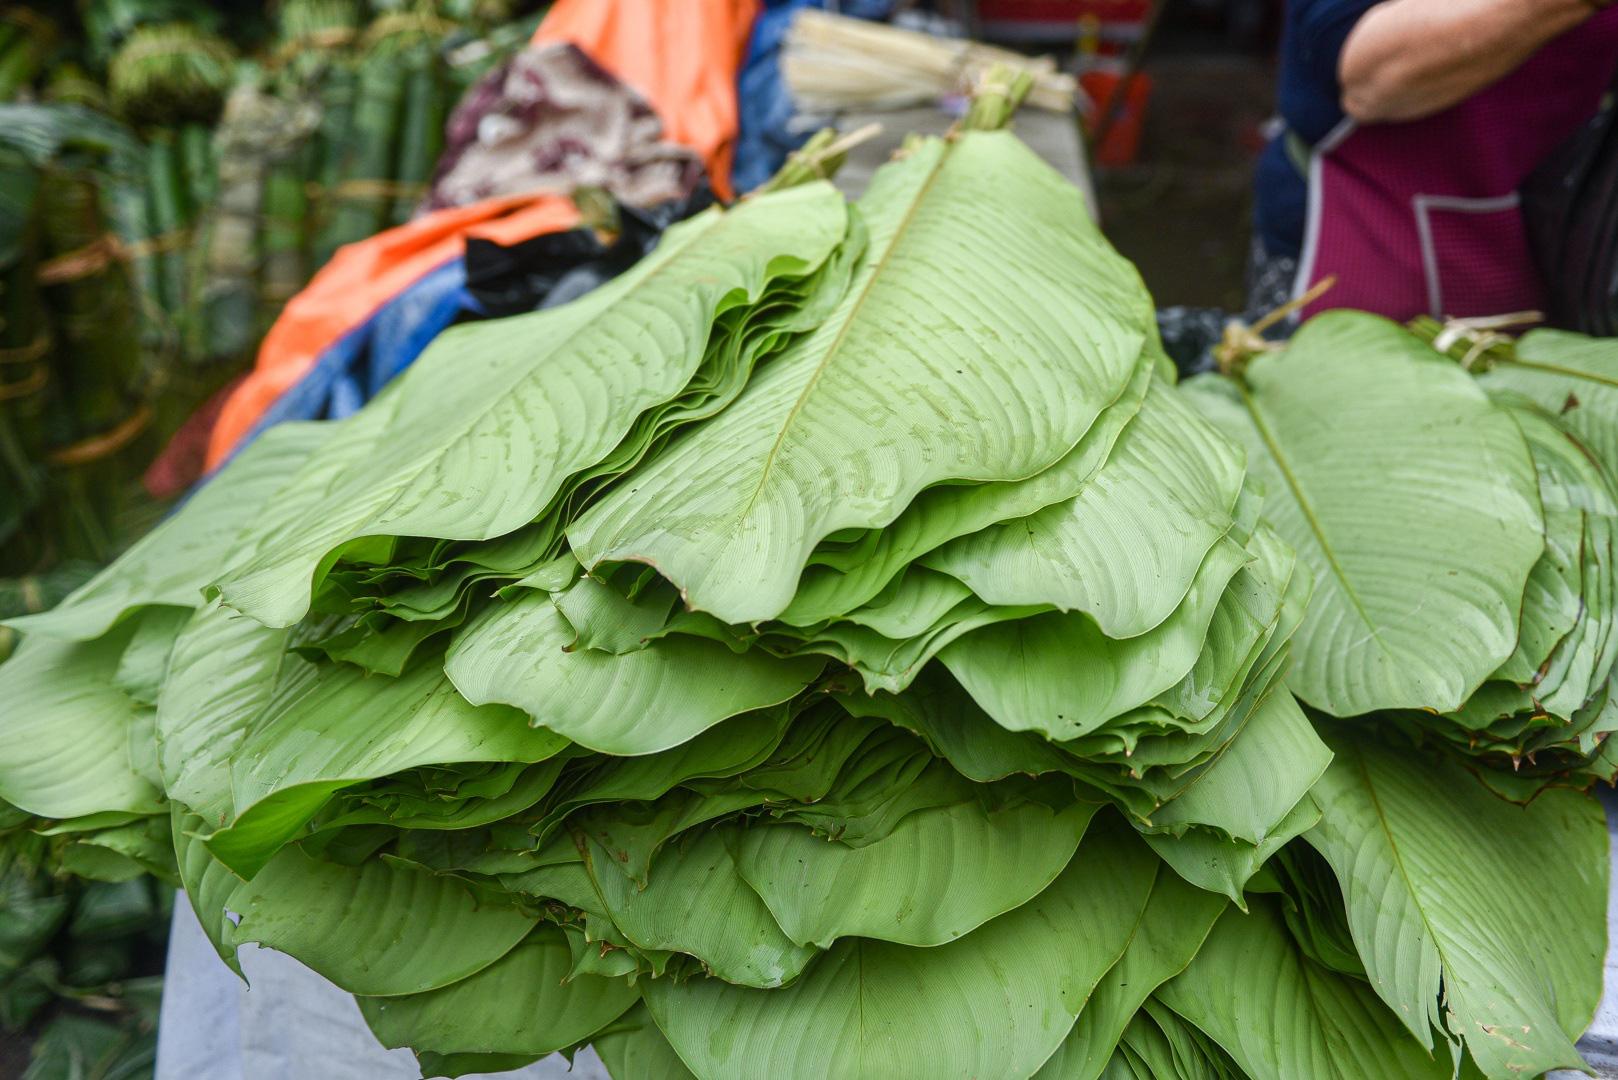 Phiên chợ họp ngày cuối năm, chỉ bán lá dong rừng, lạt tre ở Hà Nội - Ảnh 5.